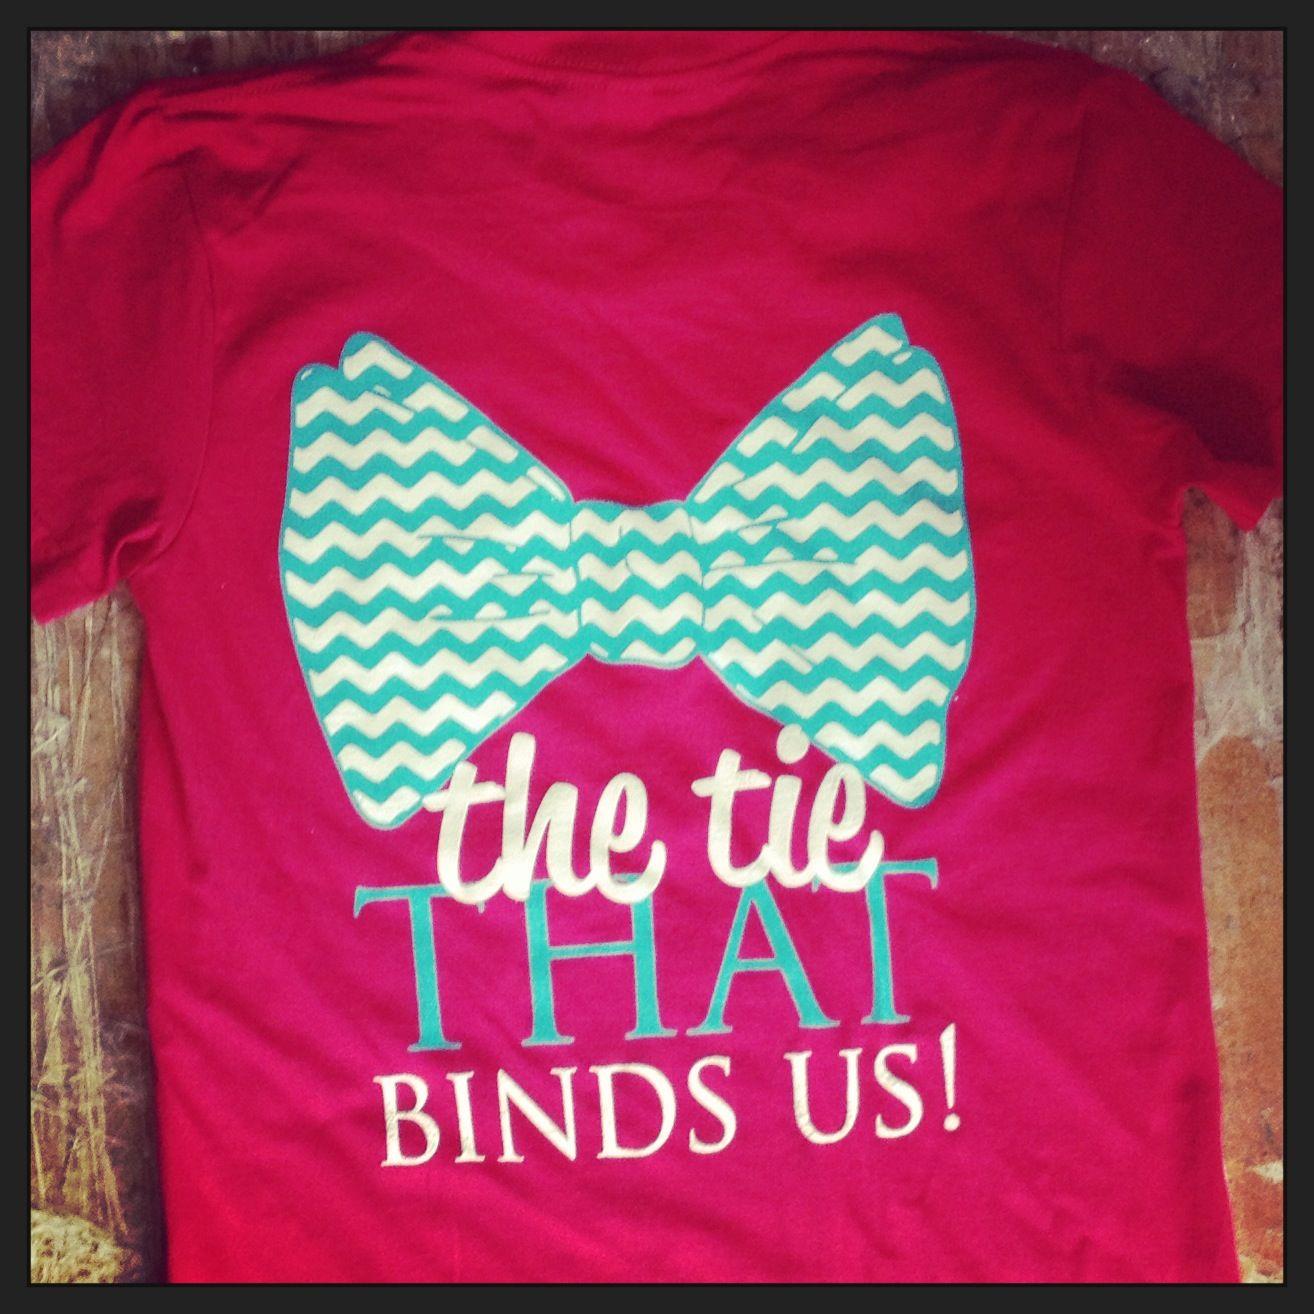 #thetiethatbinds #panhellenic #recruitment #bow #tshirt #sororitylife #greek101 #Greeklife